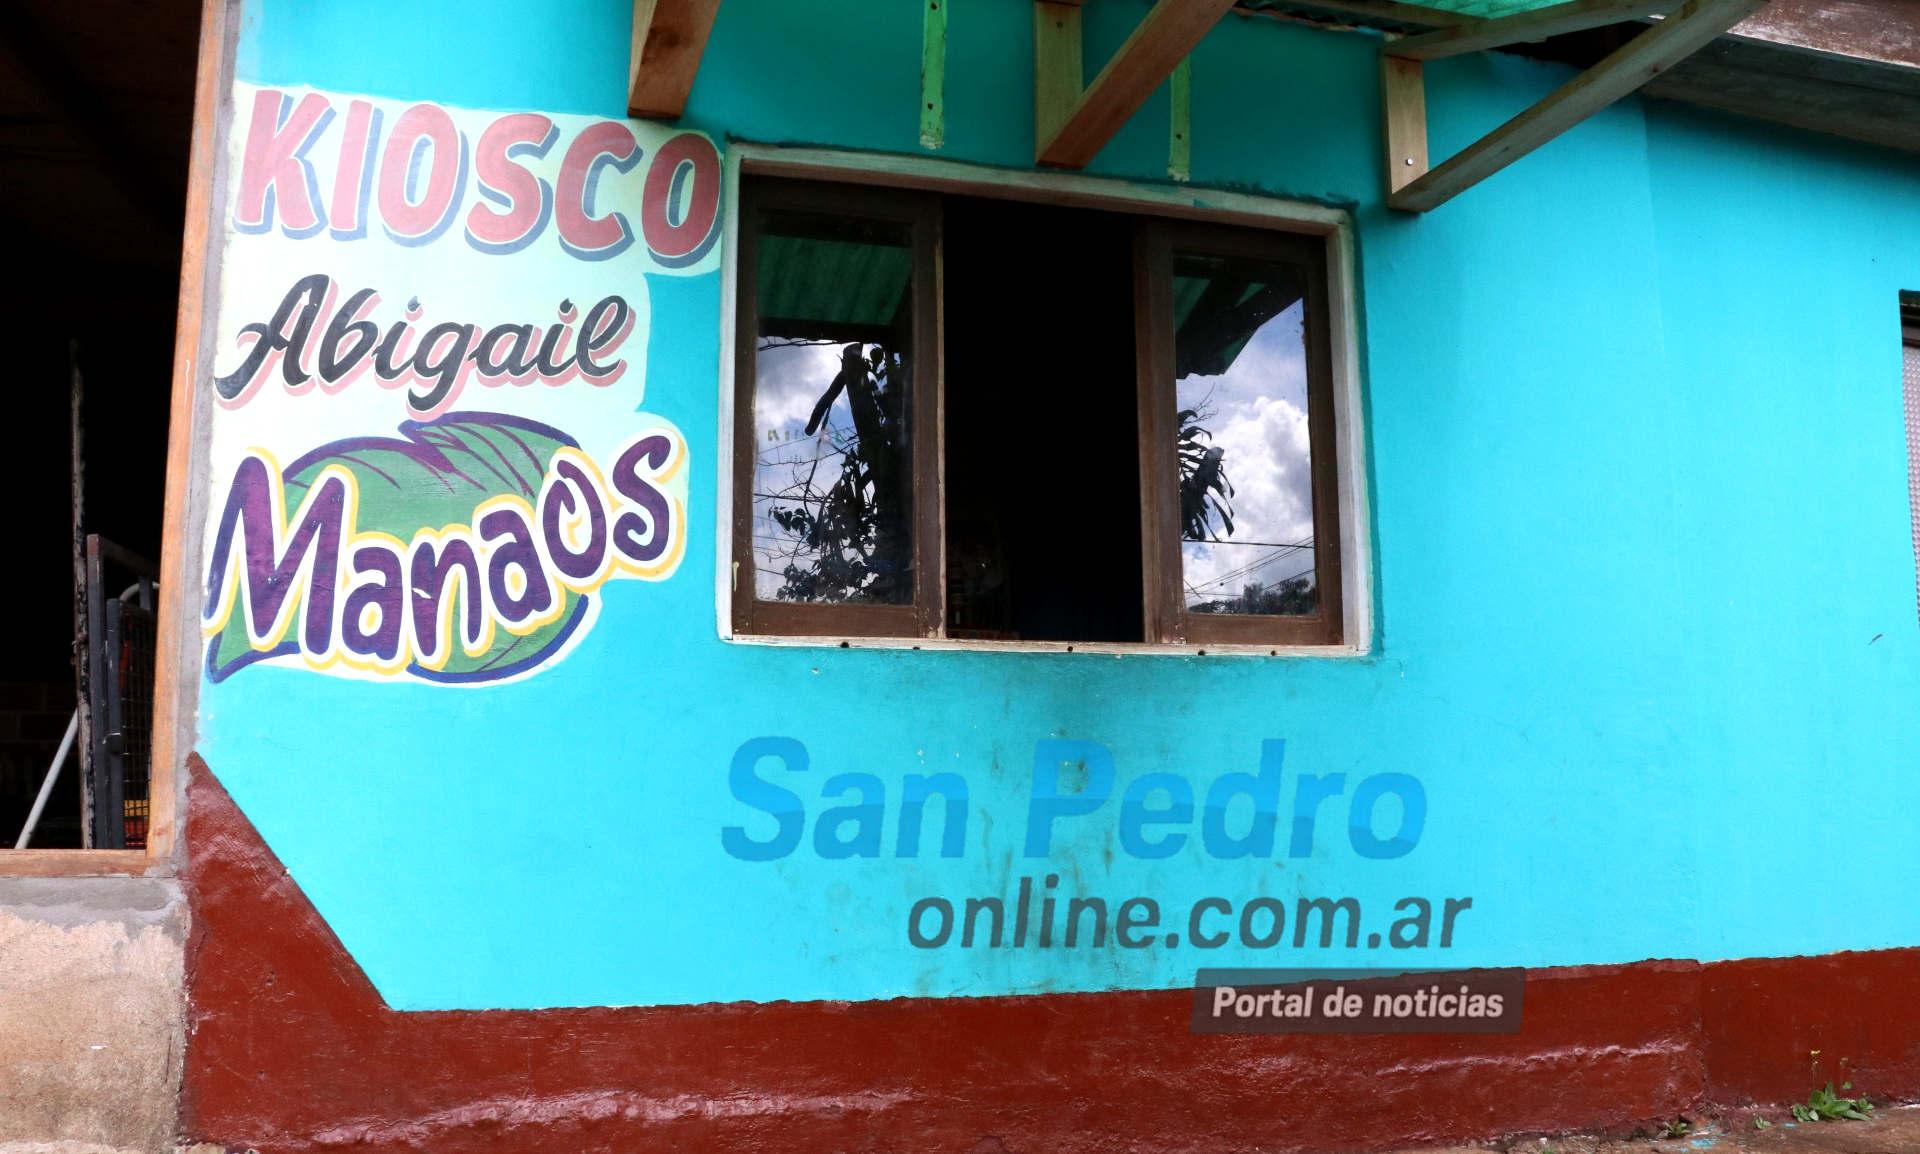 SAN PEDRO: ROBARON 25 MIL PESOS DE UN KIOSCO